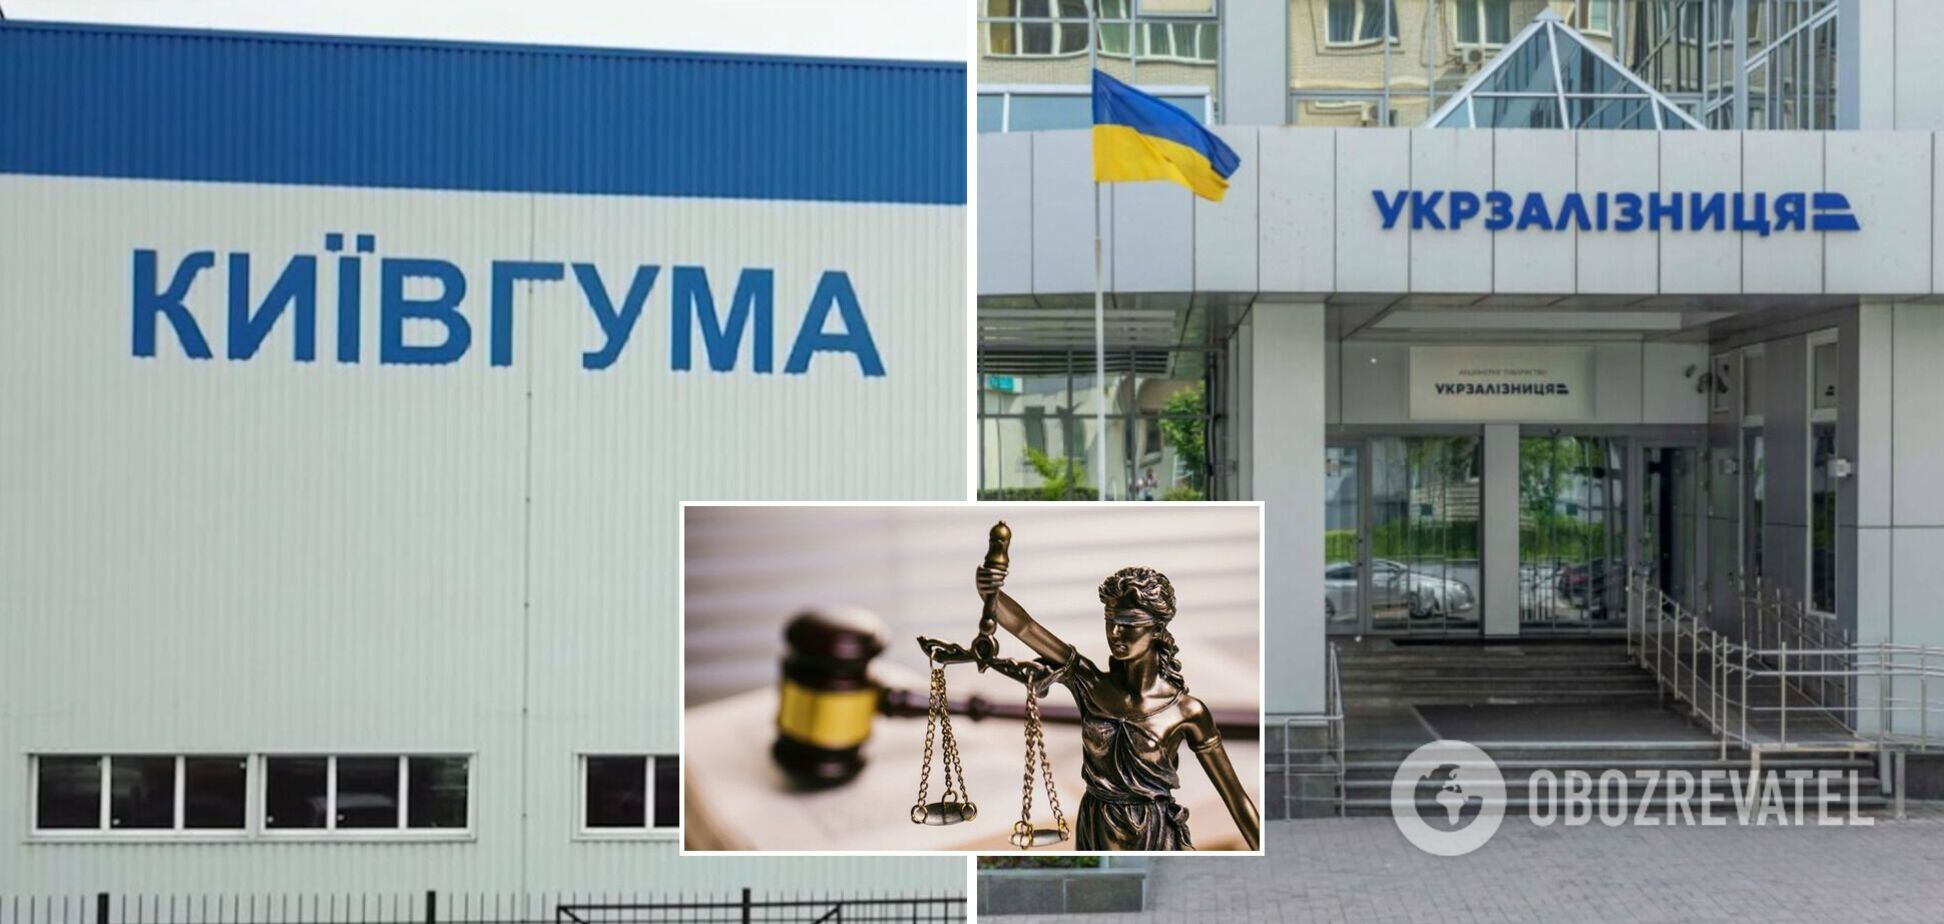 ООО 'Киевгума' обвинило 'Укрзалізницю' и правоохранительные органы в давлении